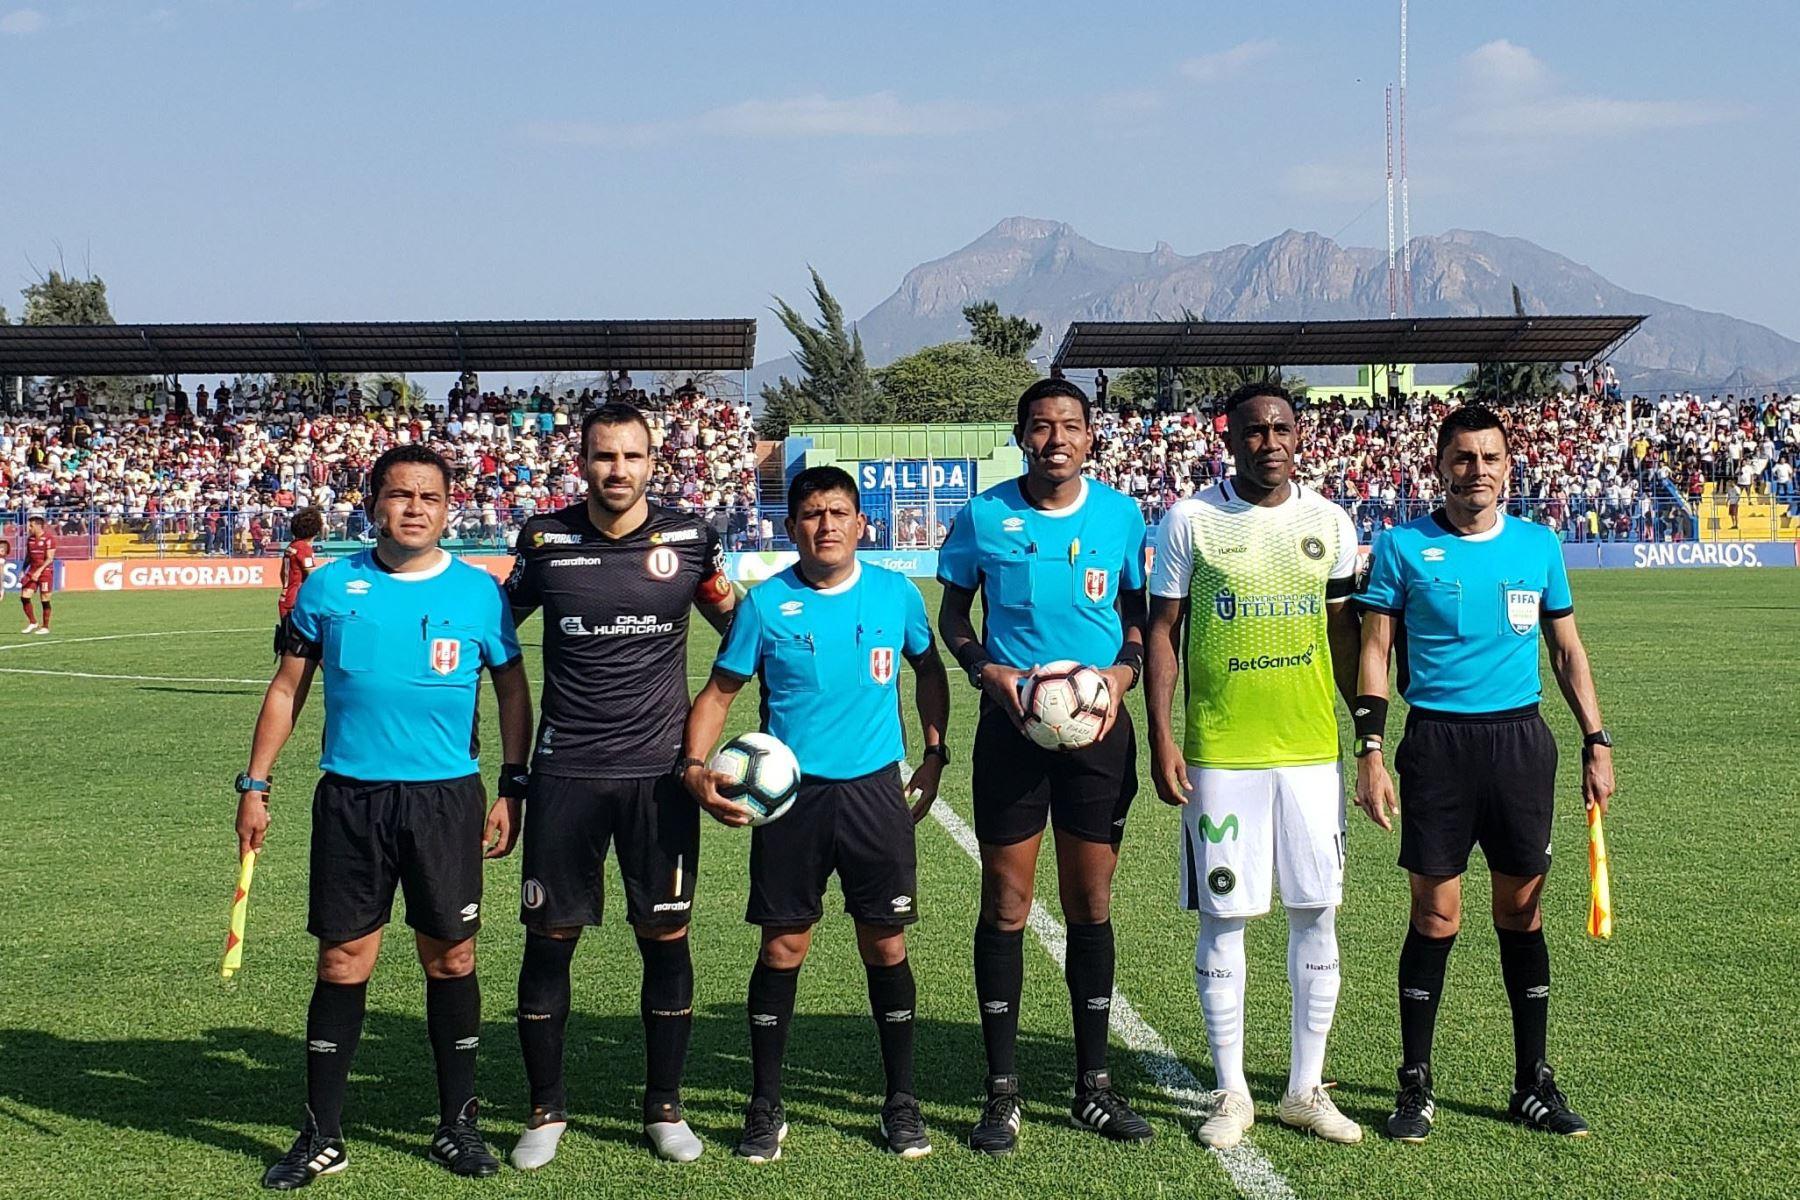 Universitario visita Lambayeque para enfrentar  a Pirata FC en partido de la segunda jornada del torneo Clausura de la Liga 1 2019.  Foto: Difusión Universitario